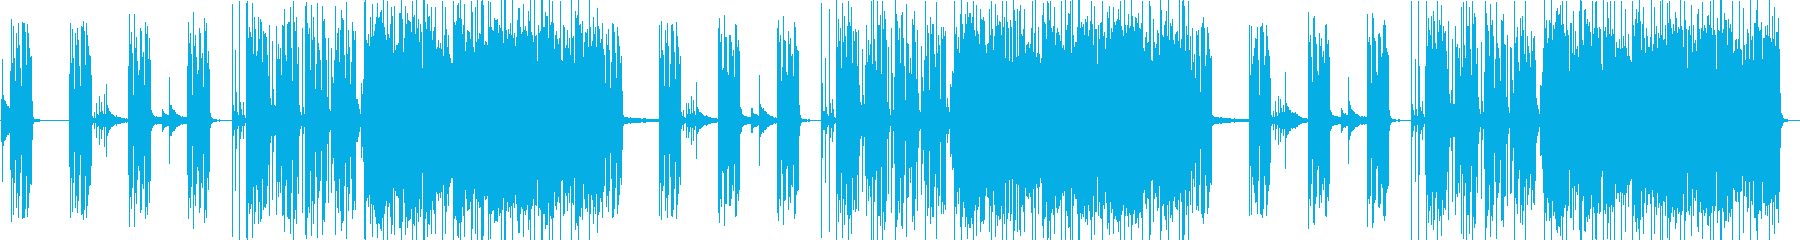 緊迫感のあるメタル劇伴の再生済みの波形